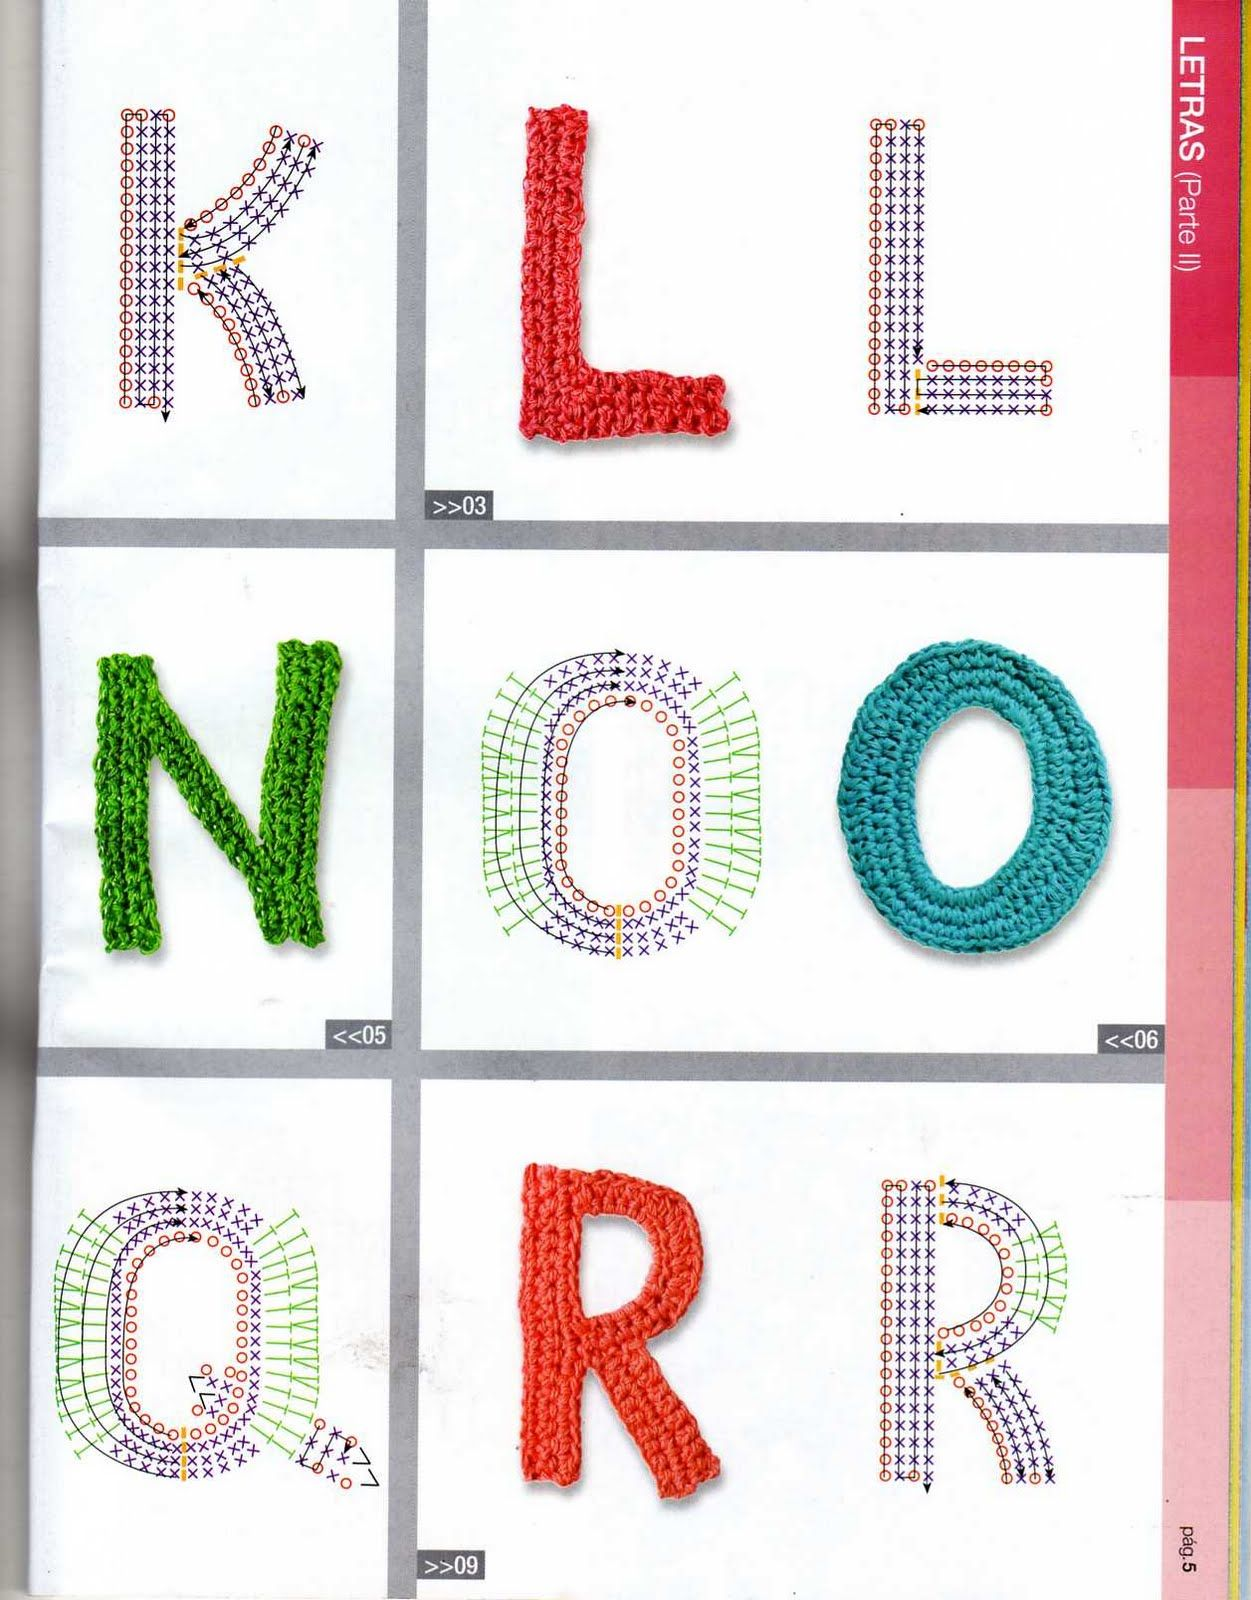 patrones   Letras y Nombres   Pinterest   Patrones, Nombres y Tejido